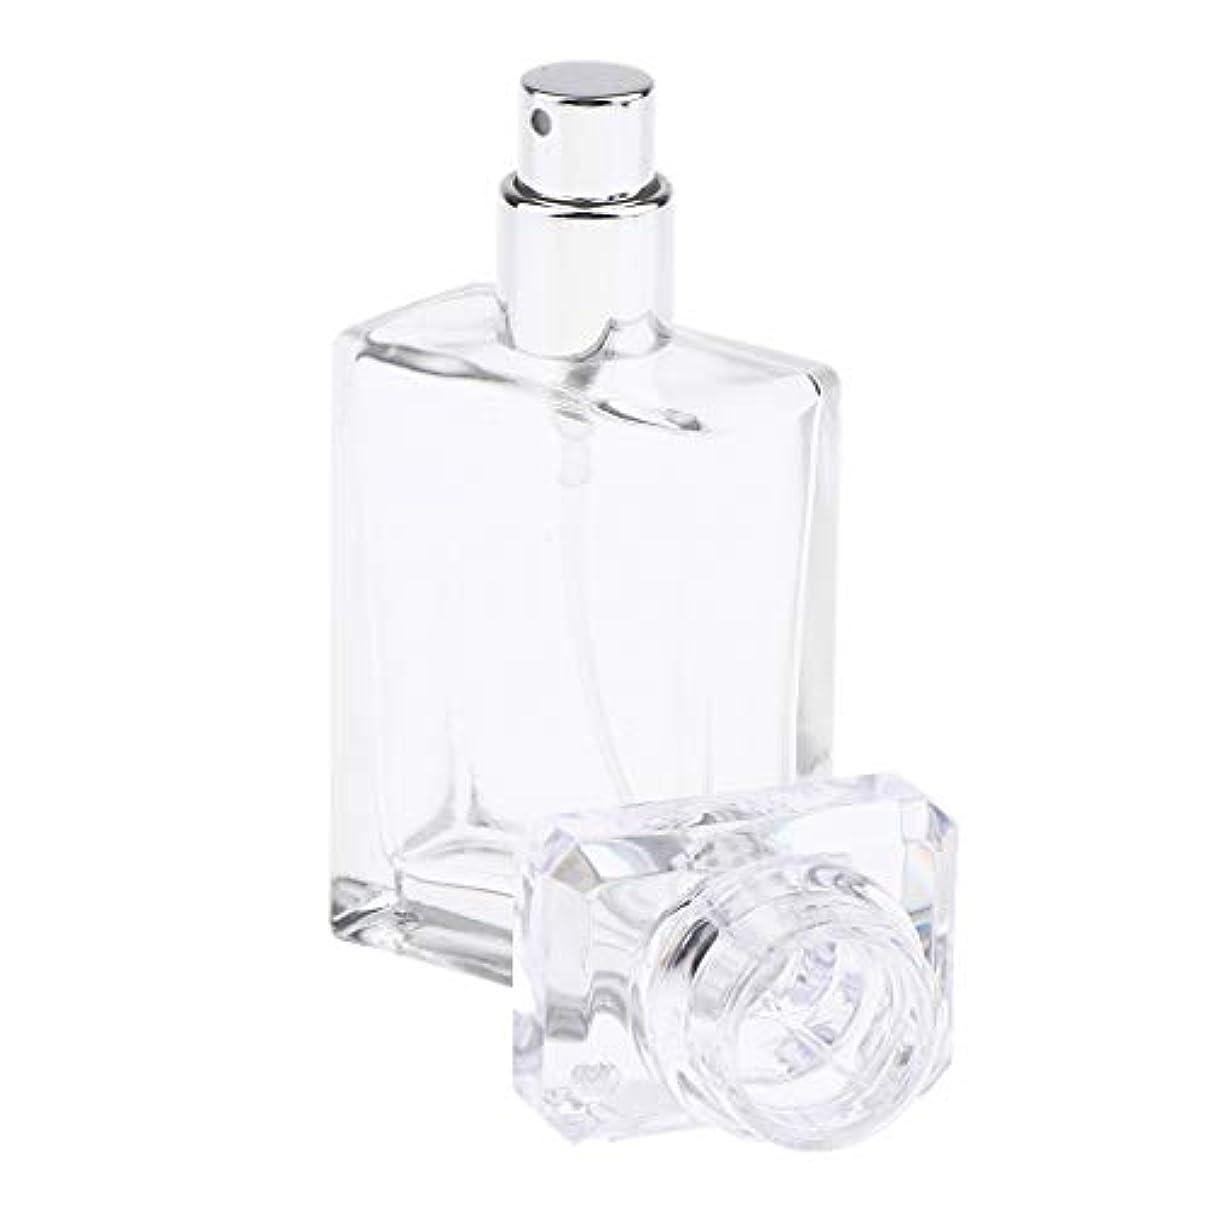 すでに溶けた島P Prettyia 香水瓶 ガラスボトル スプレーボトル 香水 小分けボトル 空のボトル 30ミリリットル 全2色 - クリア